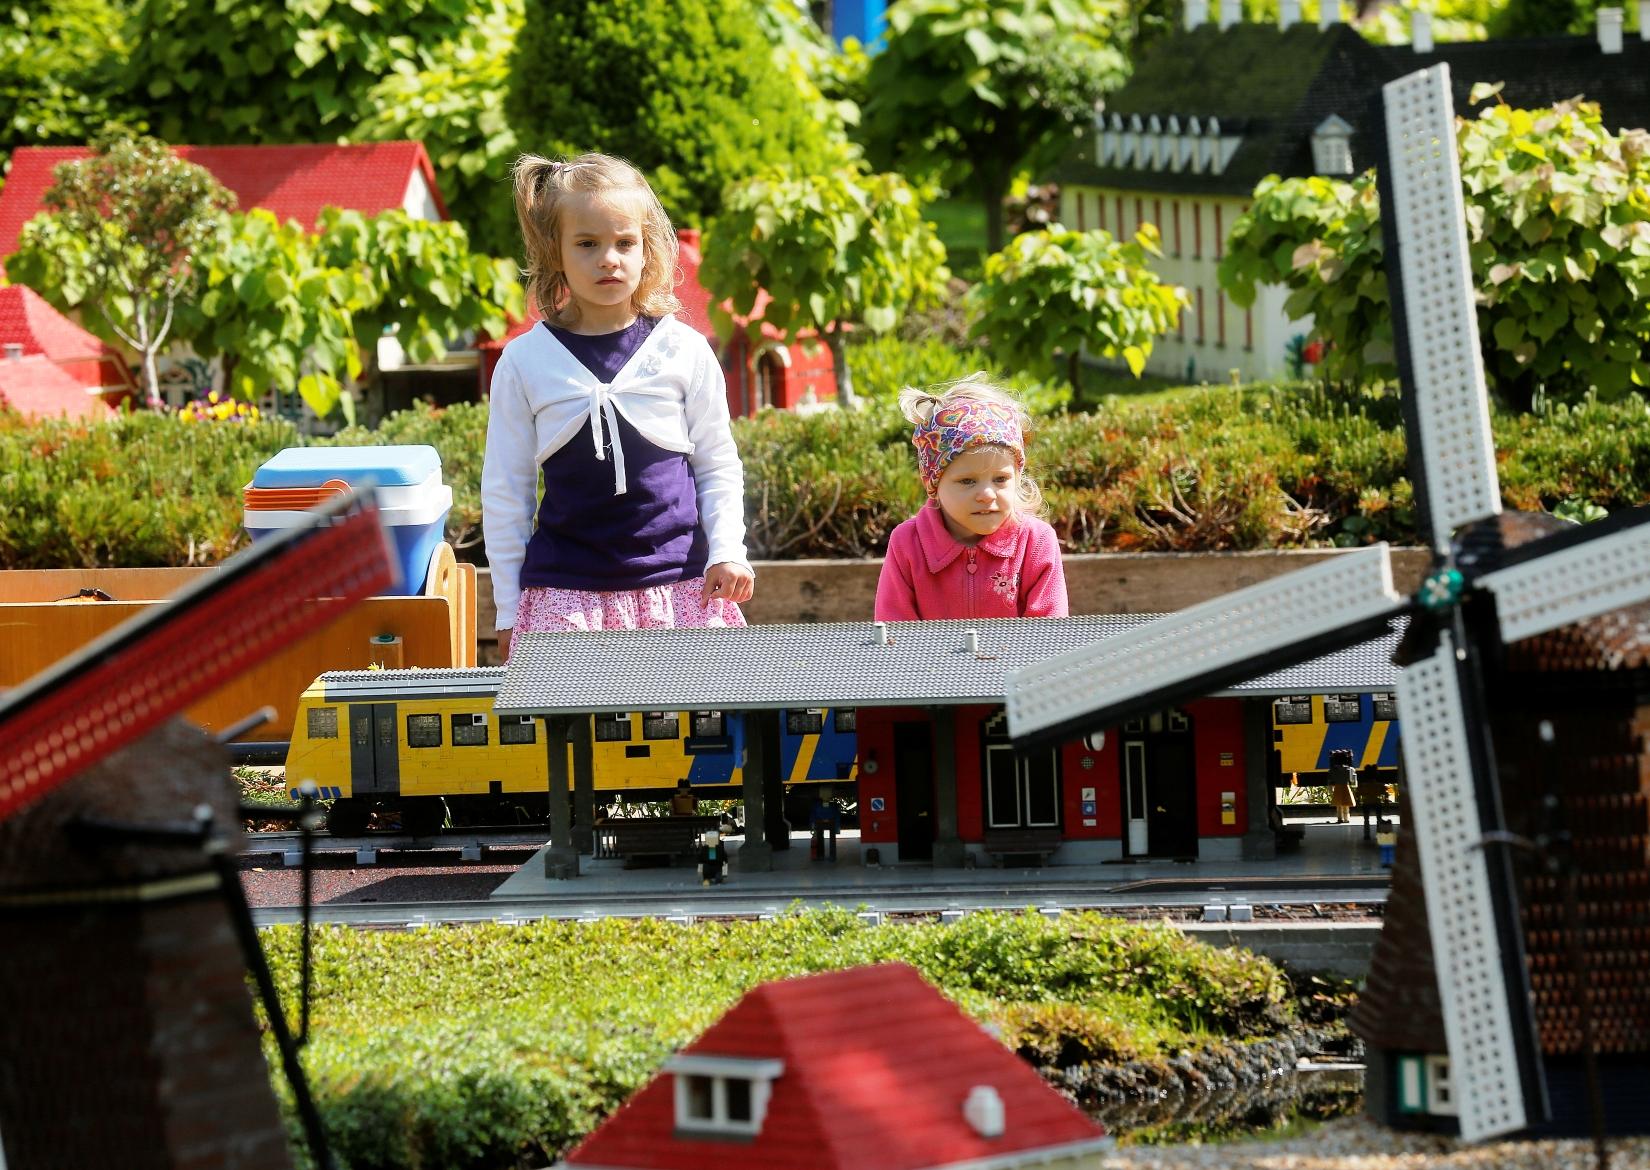 Nederland in Miniland in Legoland Billund